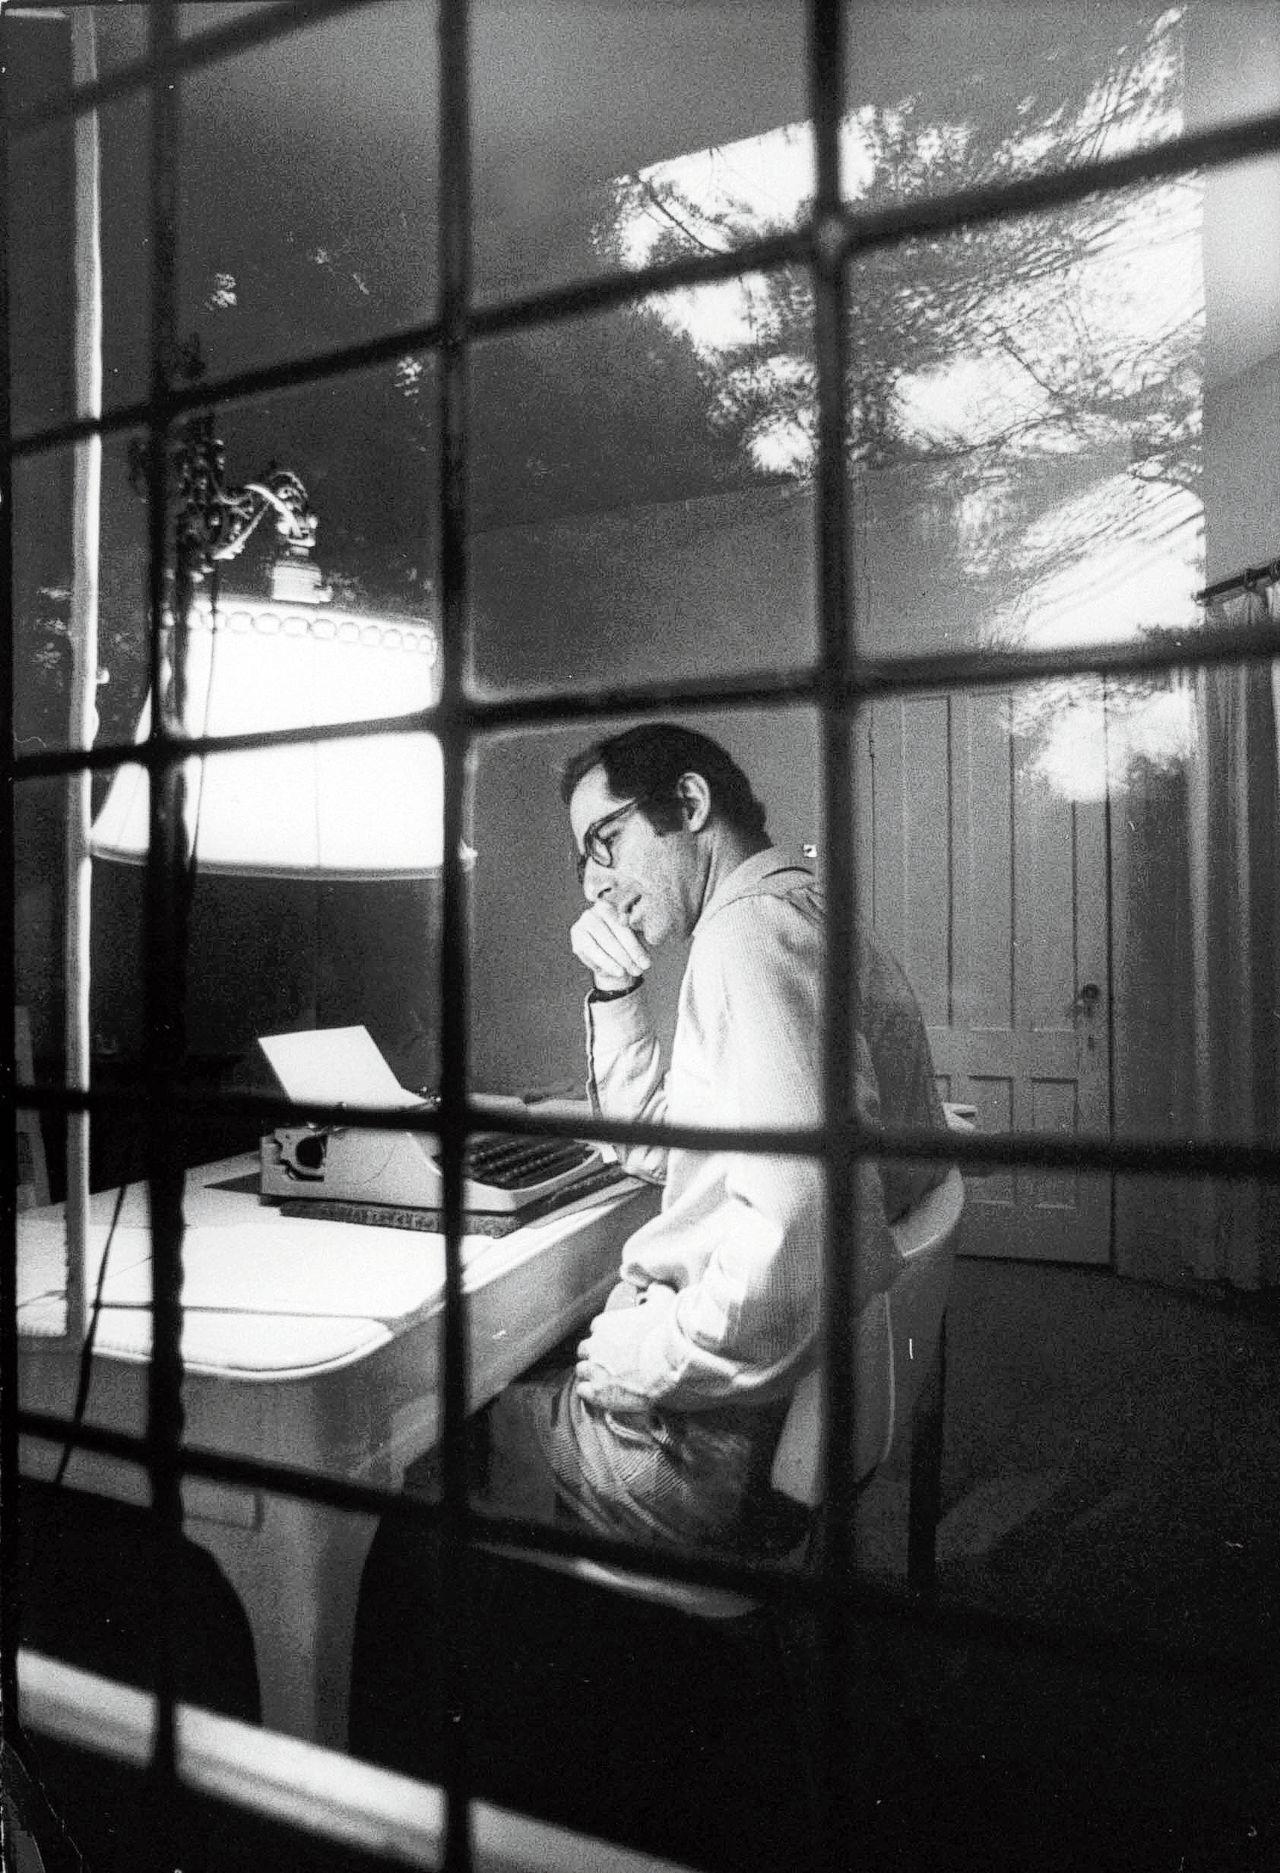 Philip Roth tijdens zijn verblijf in de artist's retreat Yaddo, in de Amerikaanse staat New York.